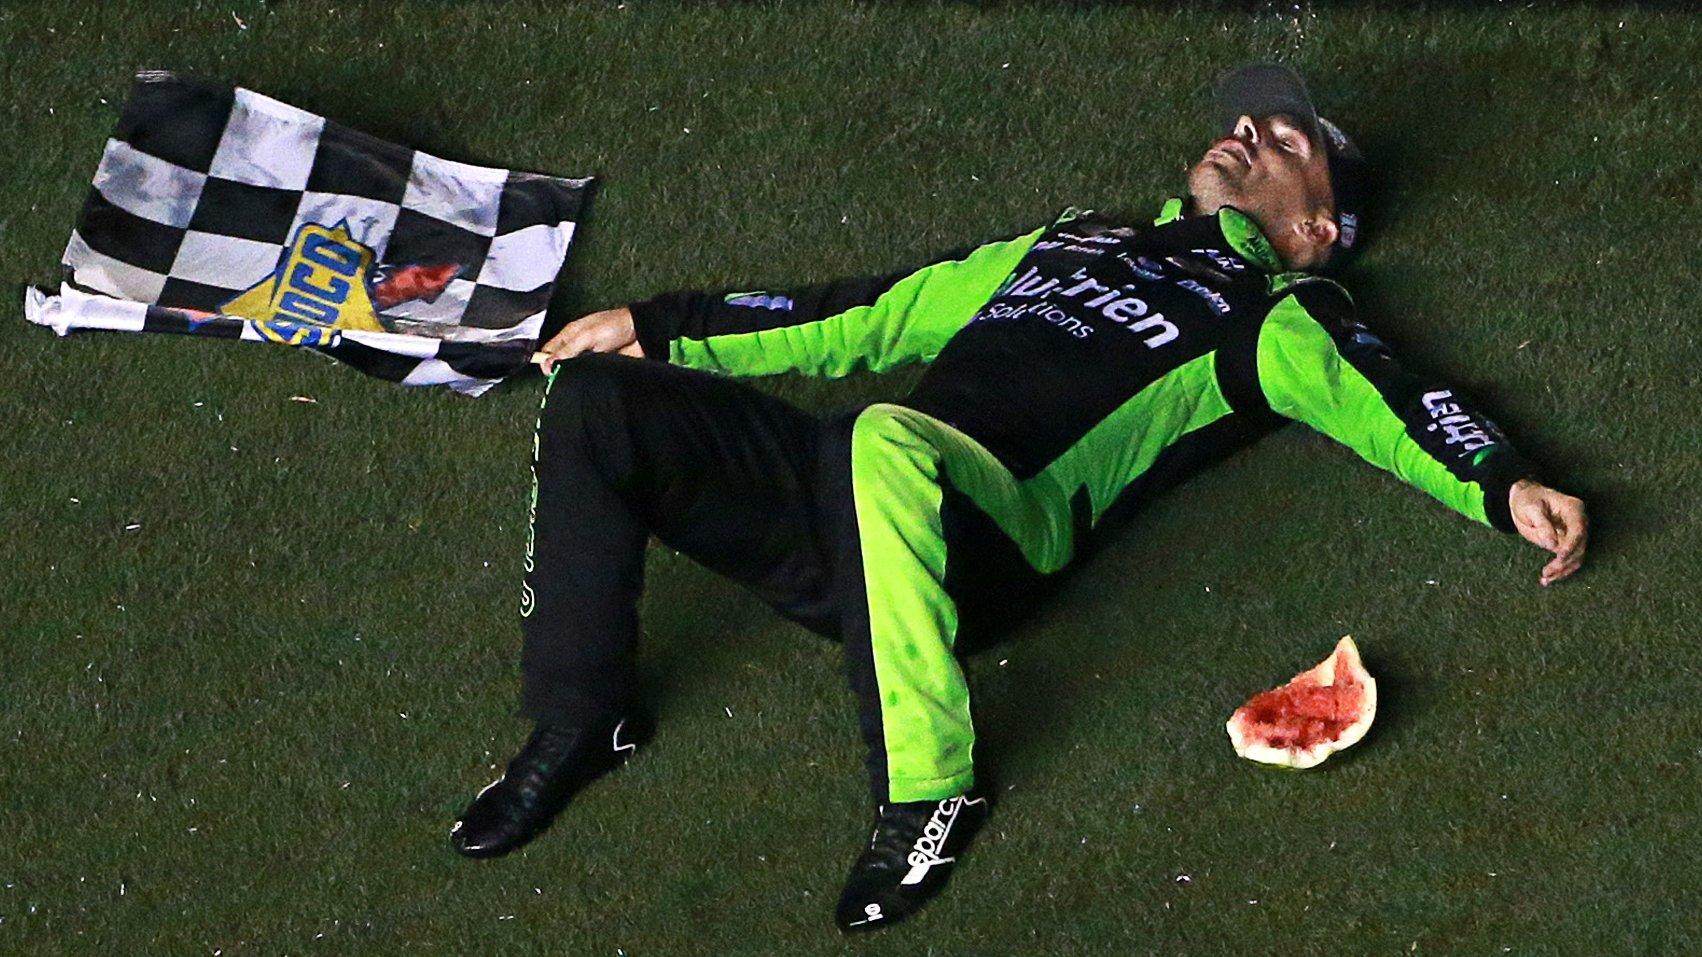 Росс Честейн победил в гонке «Иксфинити» в Дейтоне, Оллмендингер дисквалифицирован